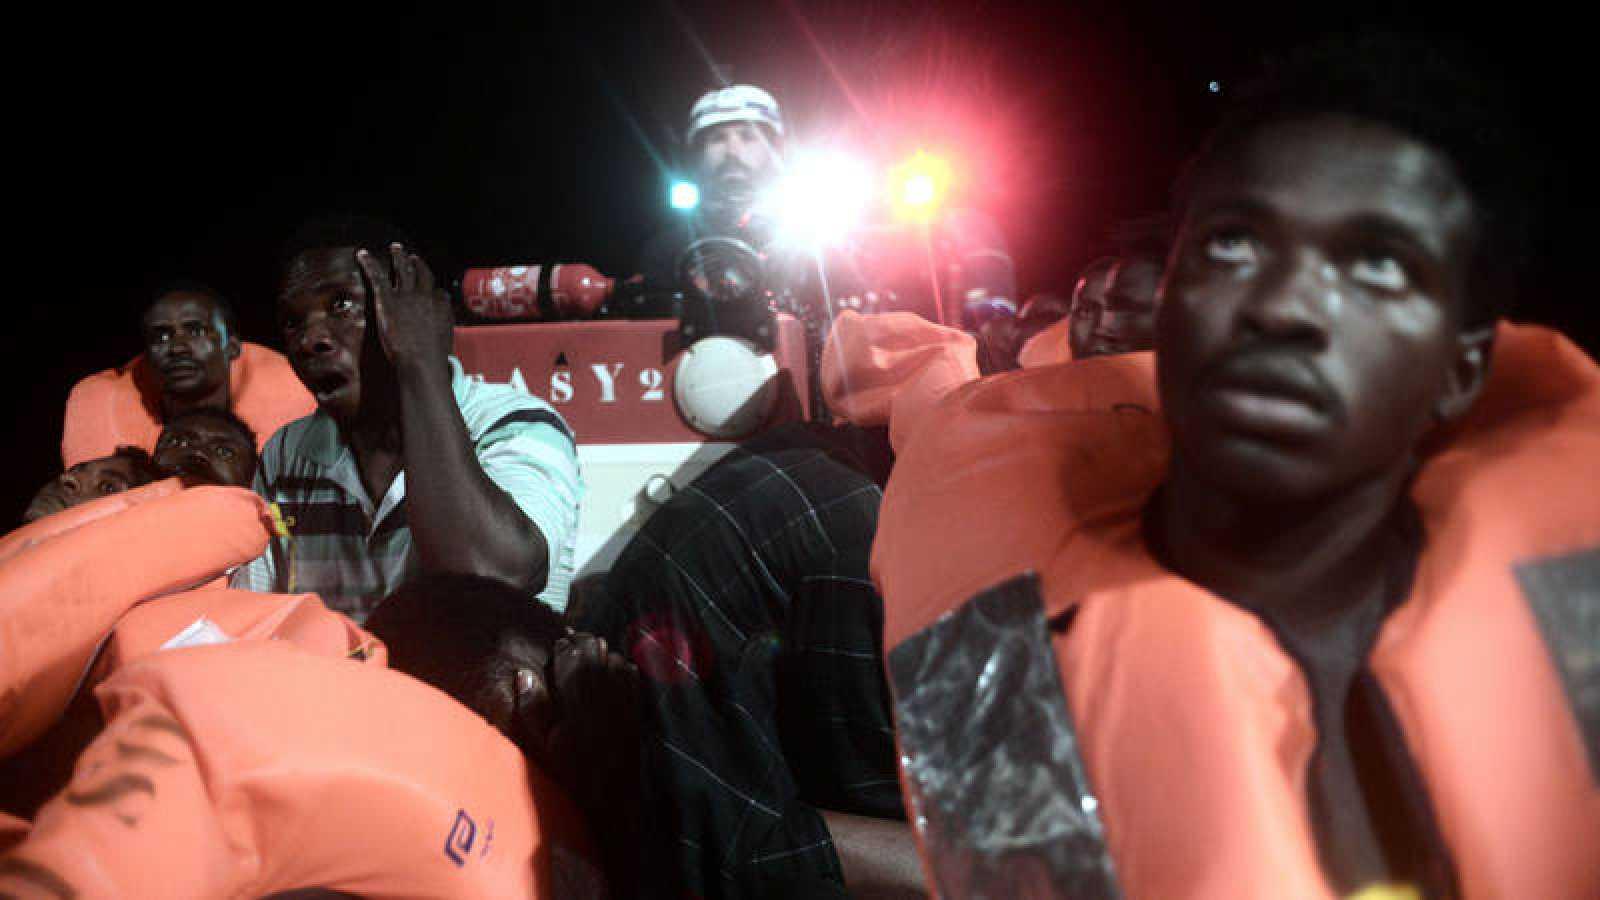 Migrantes rescatados en lanchas por el Aquarius el pasado sábado en el Mediterráneo